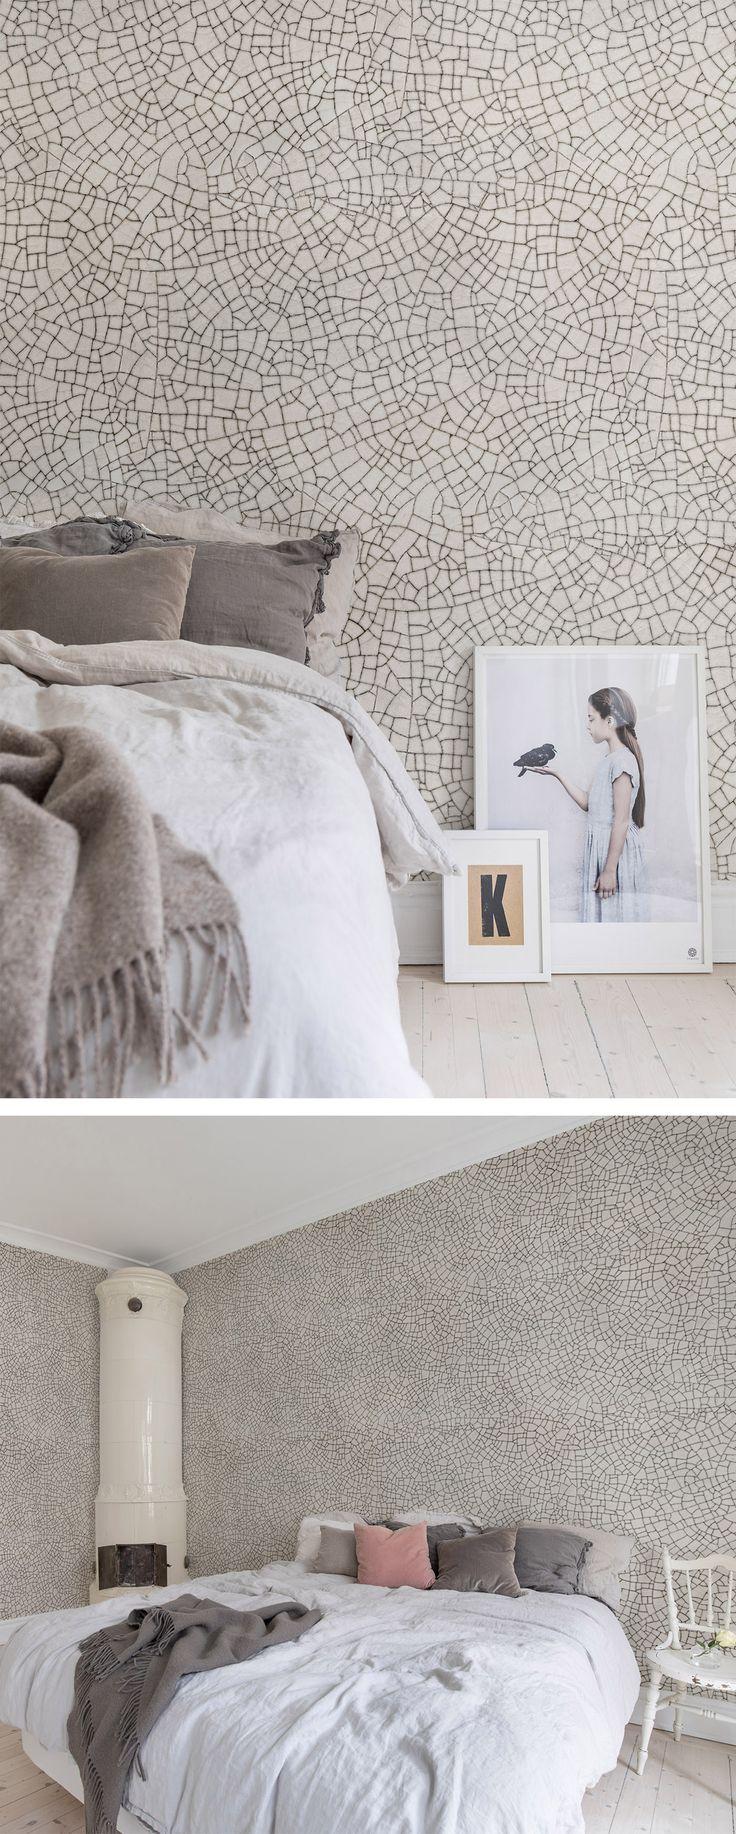 die besten 25 tapeten schlafzimmer ideen auf pinterest marmor interieur wald tapete und. Black Bedroom Furniture Sets. Home Design Ideas